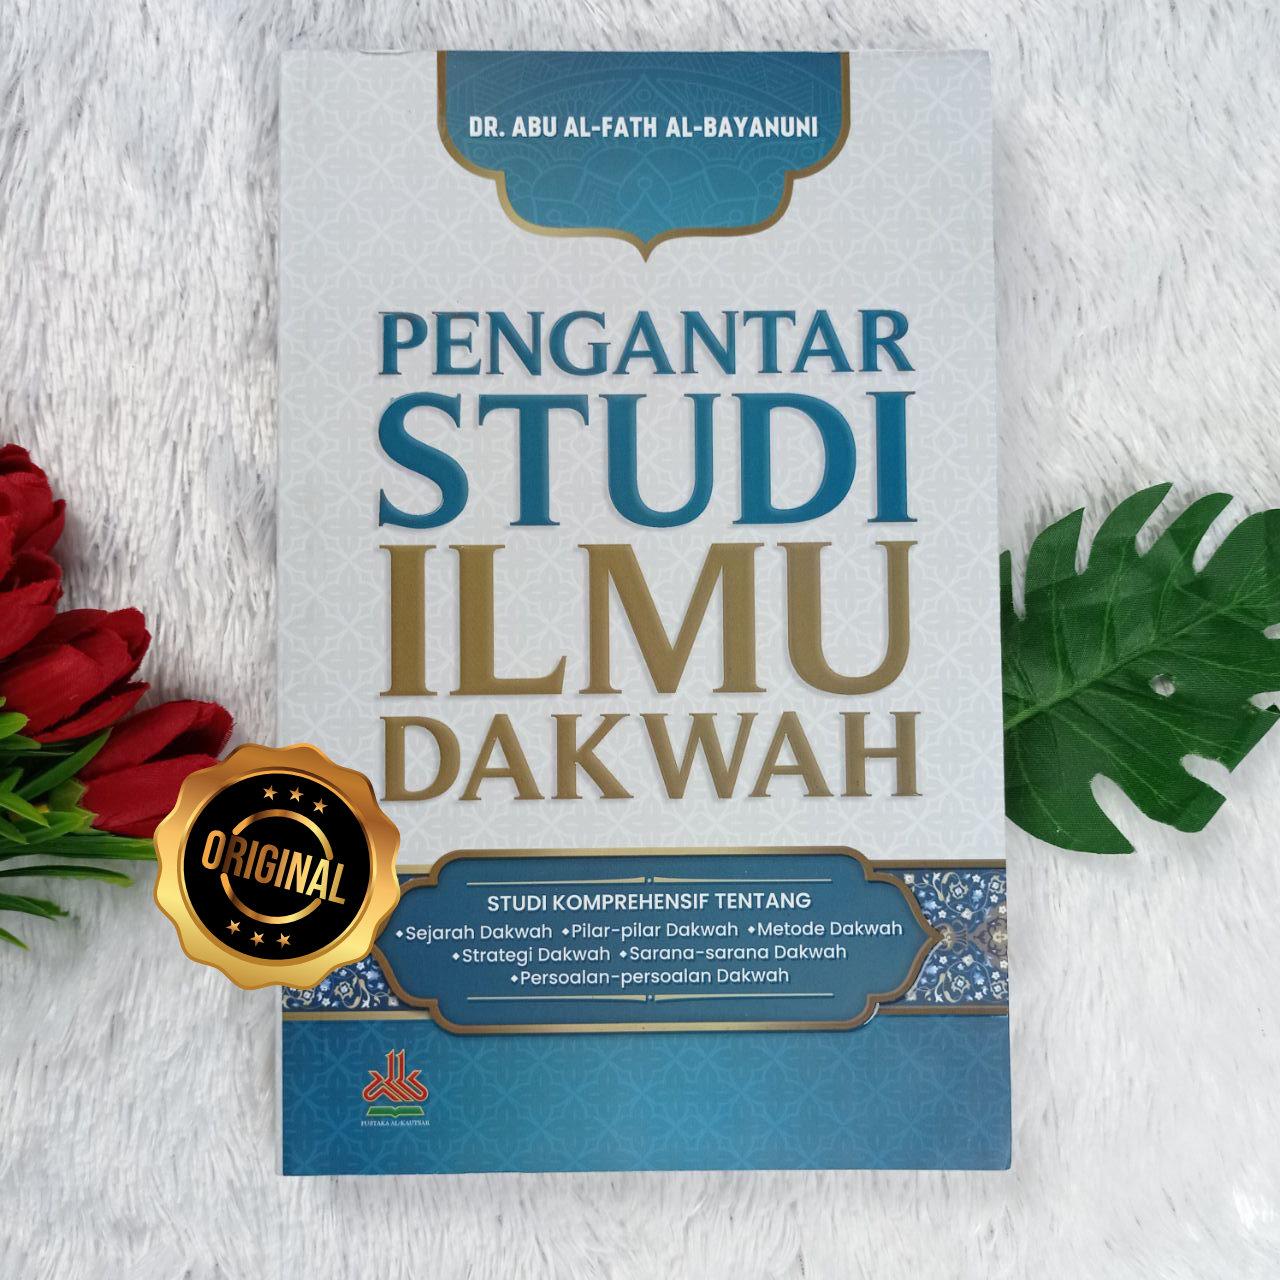 Buku Pengantar Studi Ilmu Dakwah Strategi Dan Persoalannya